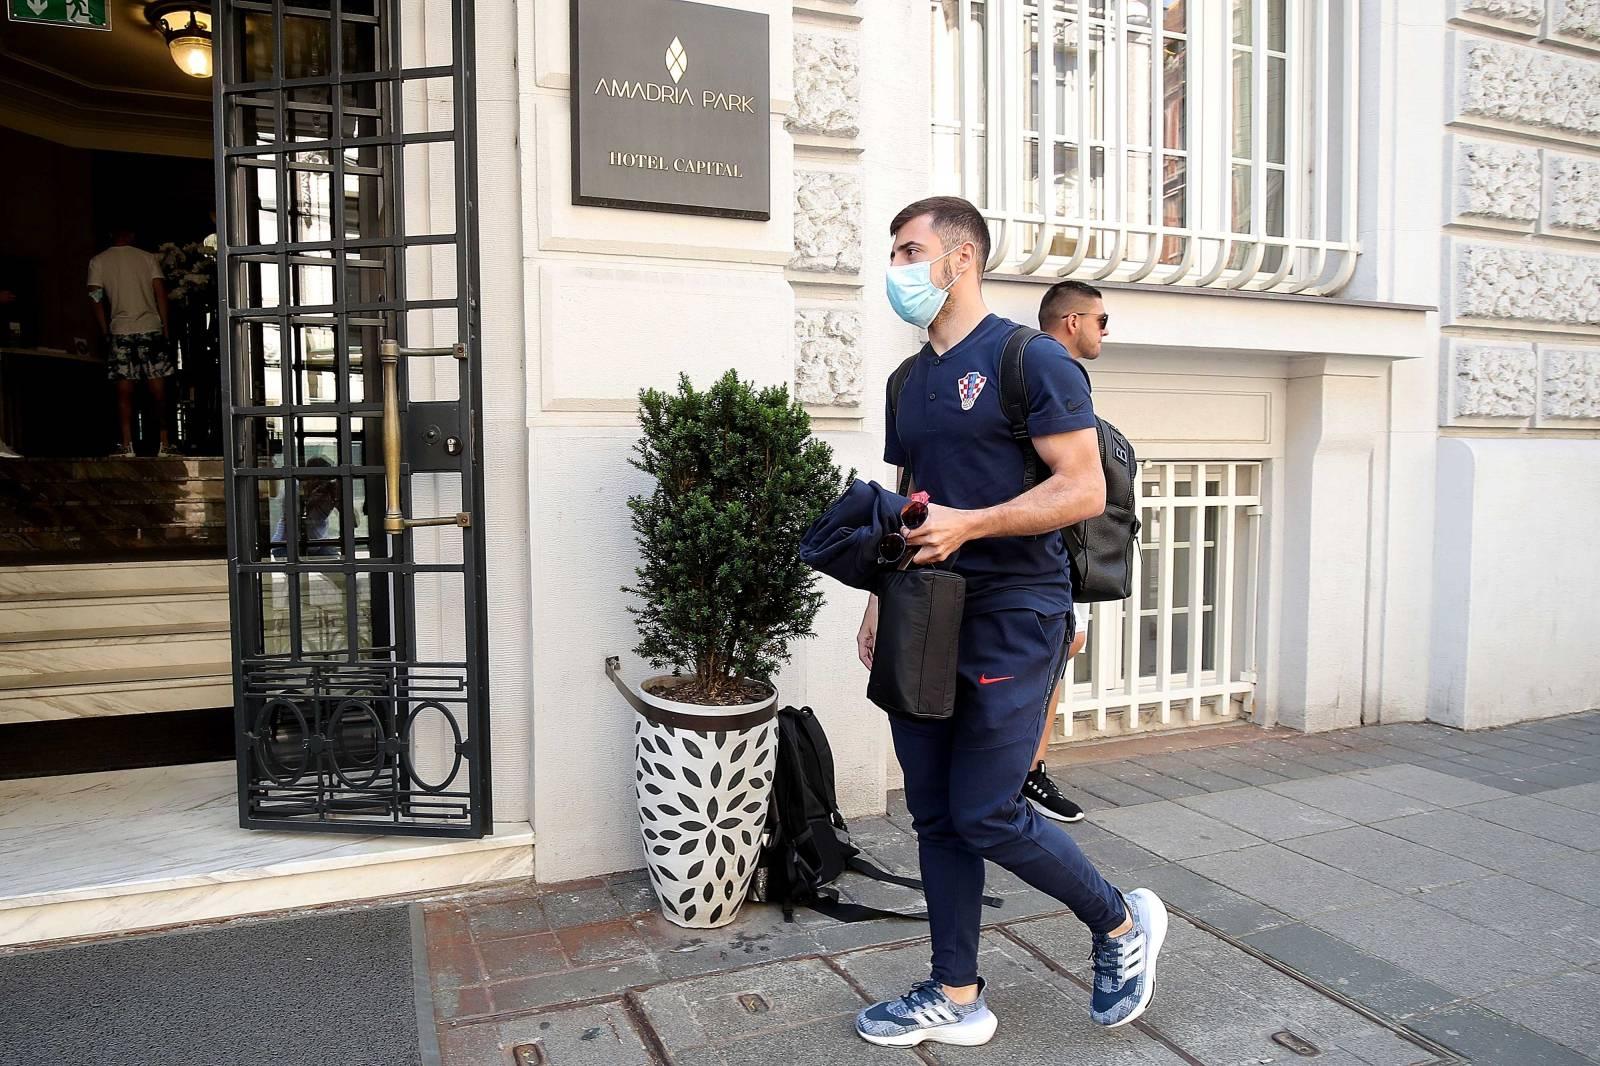 Okupljanje hrvatske nogometne reprezentacije uoči prijateljskog ogleda s Belgijom